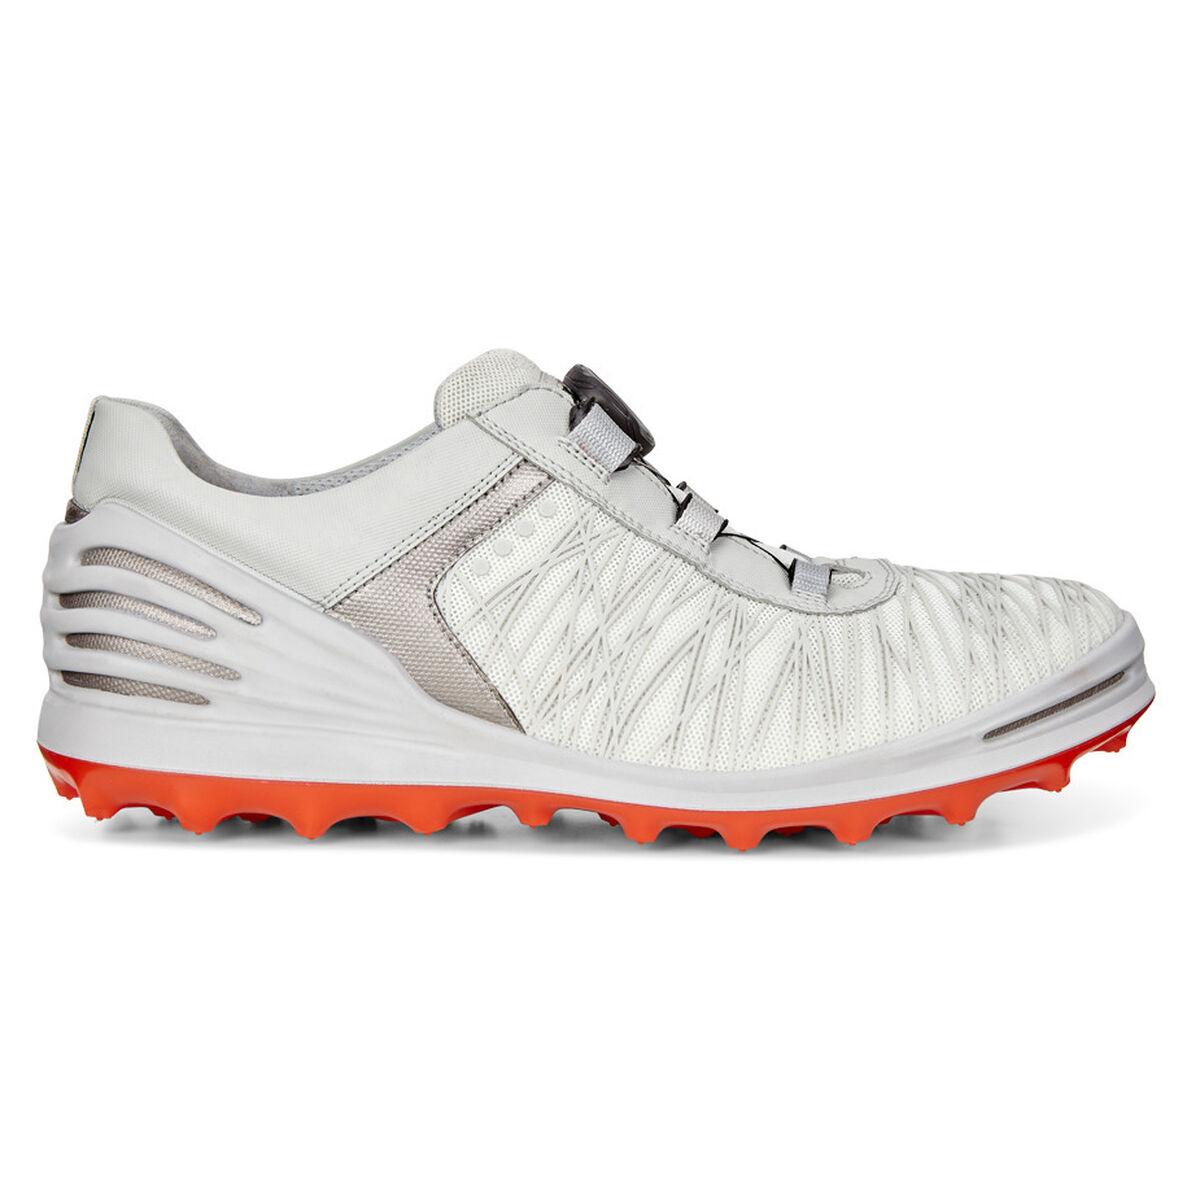 269ae496180 ECCO Cage Pro Boa Men's Golf Shoe - White | PGA TOUR Superstore